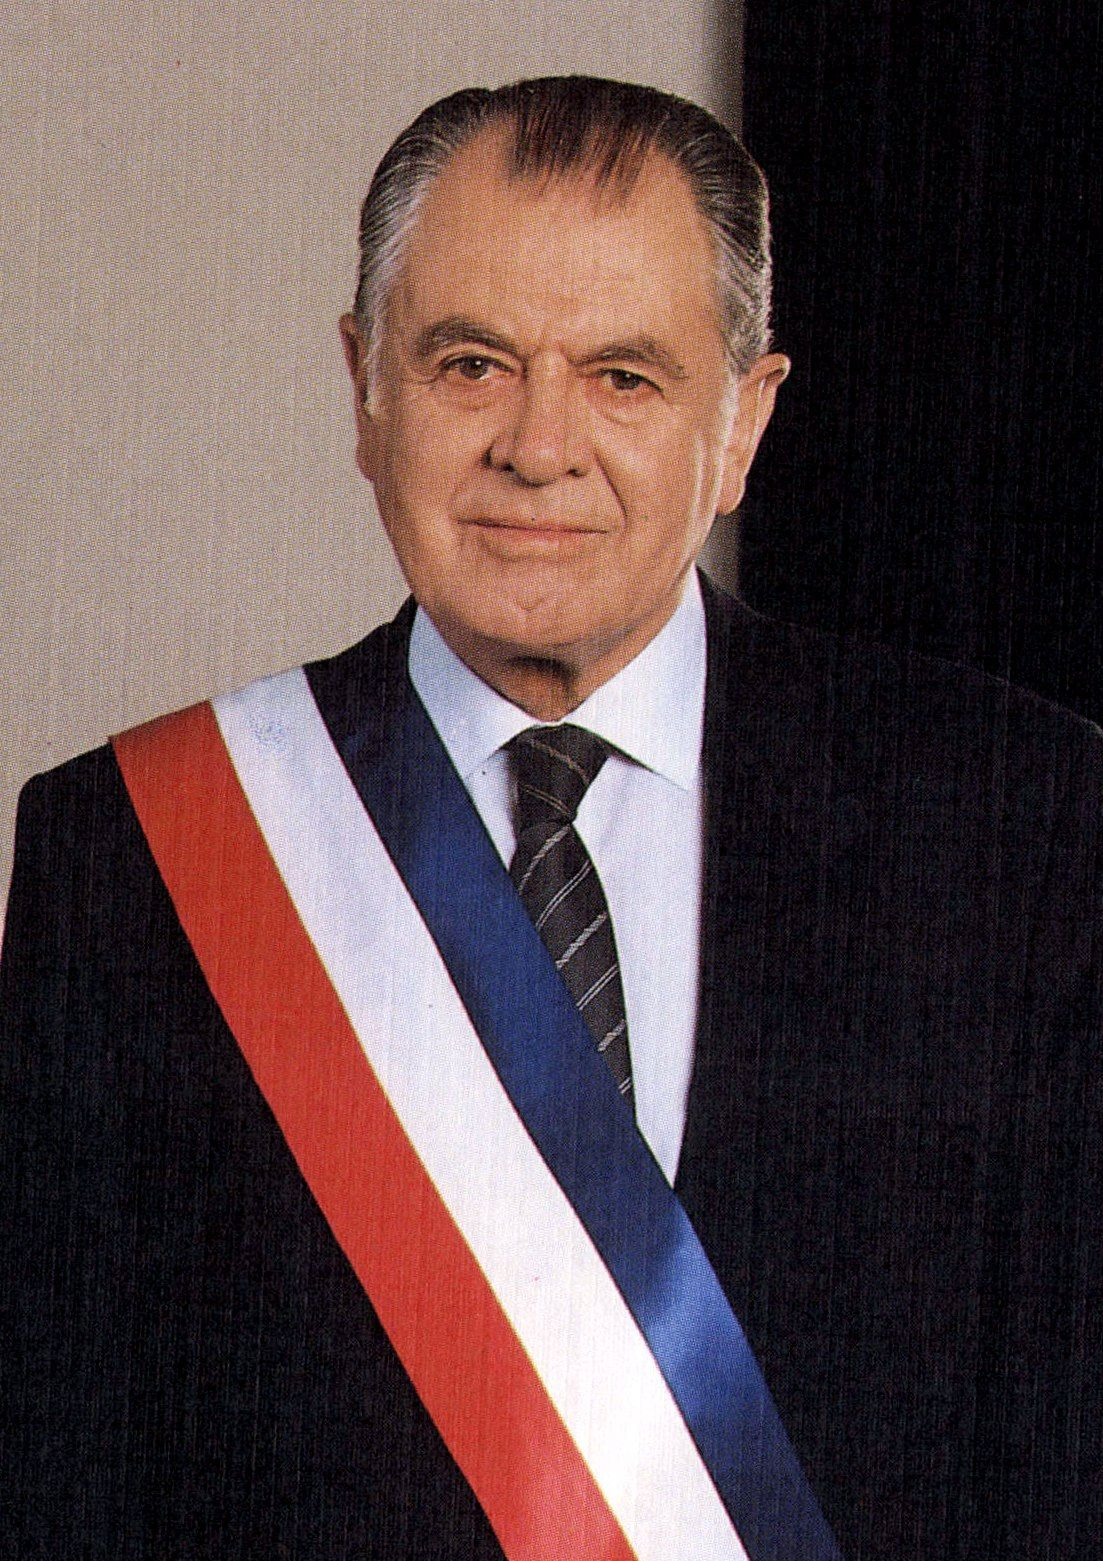 Patricio Aylwin Azócar abogado chileno. Fue Presidente de la República